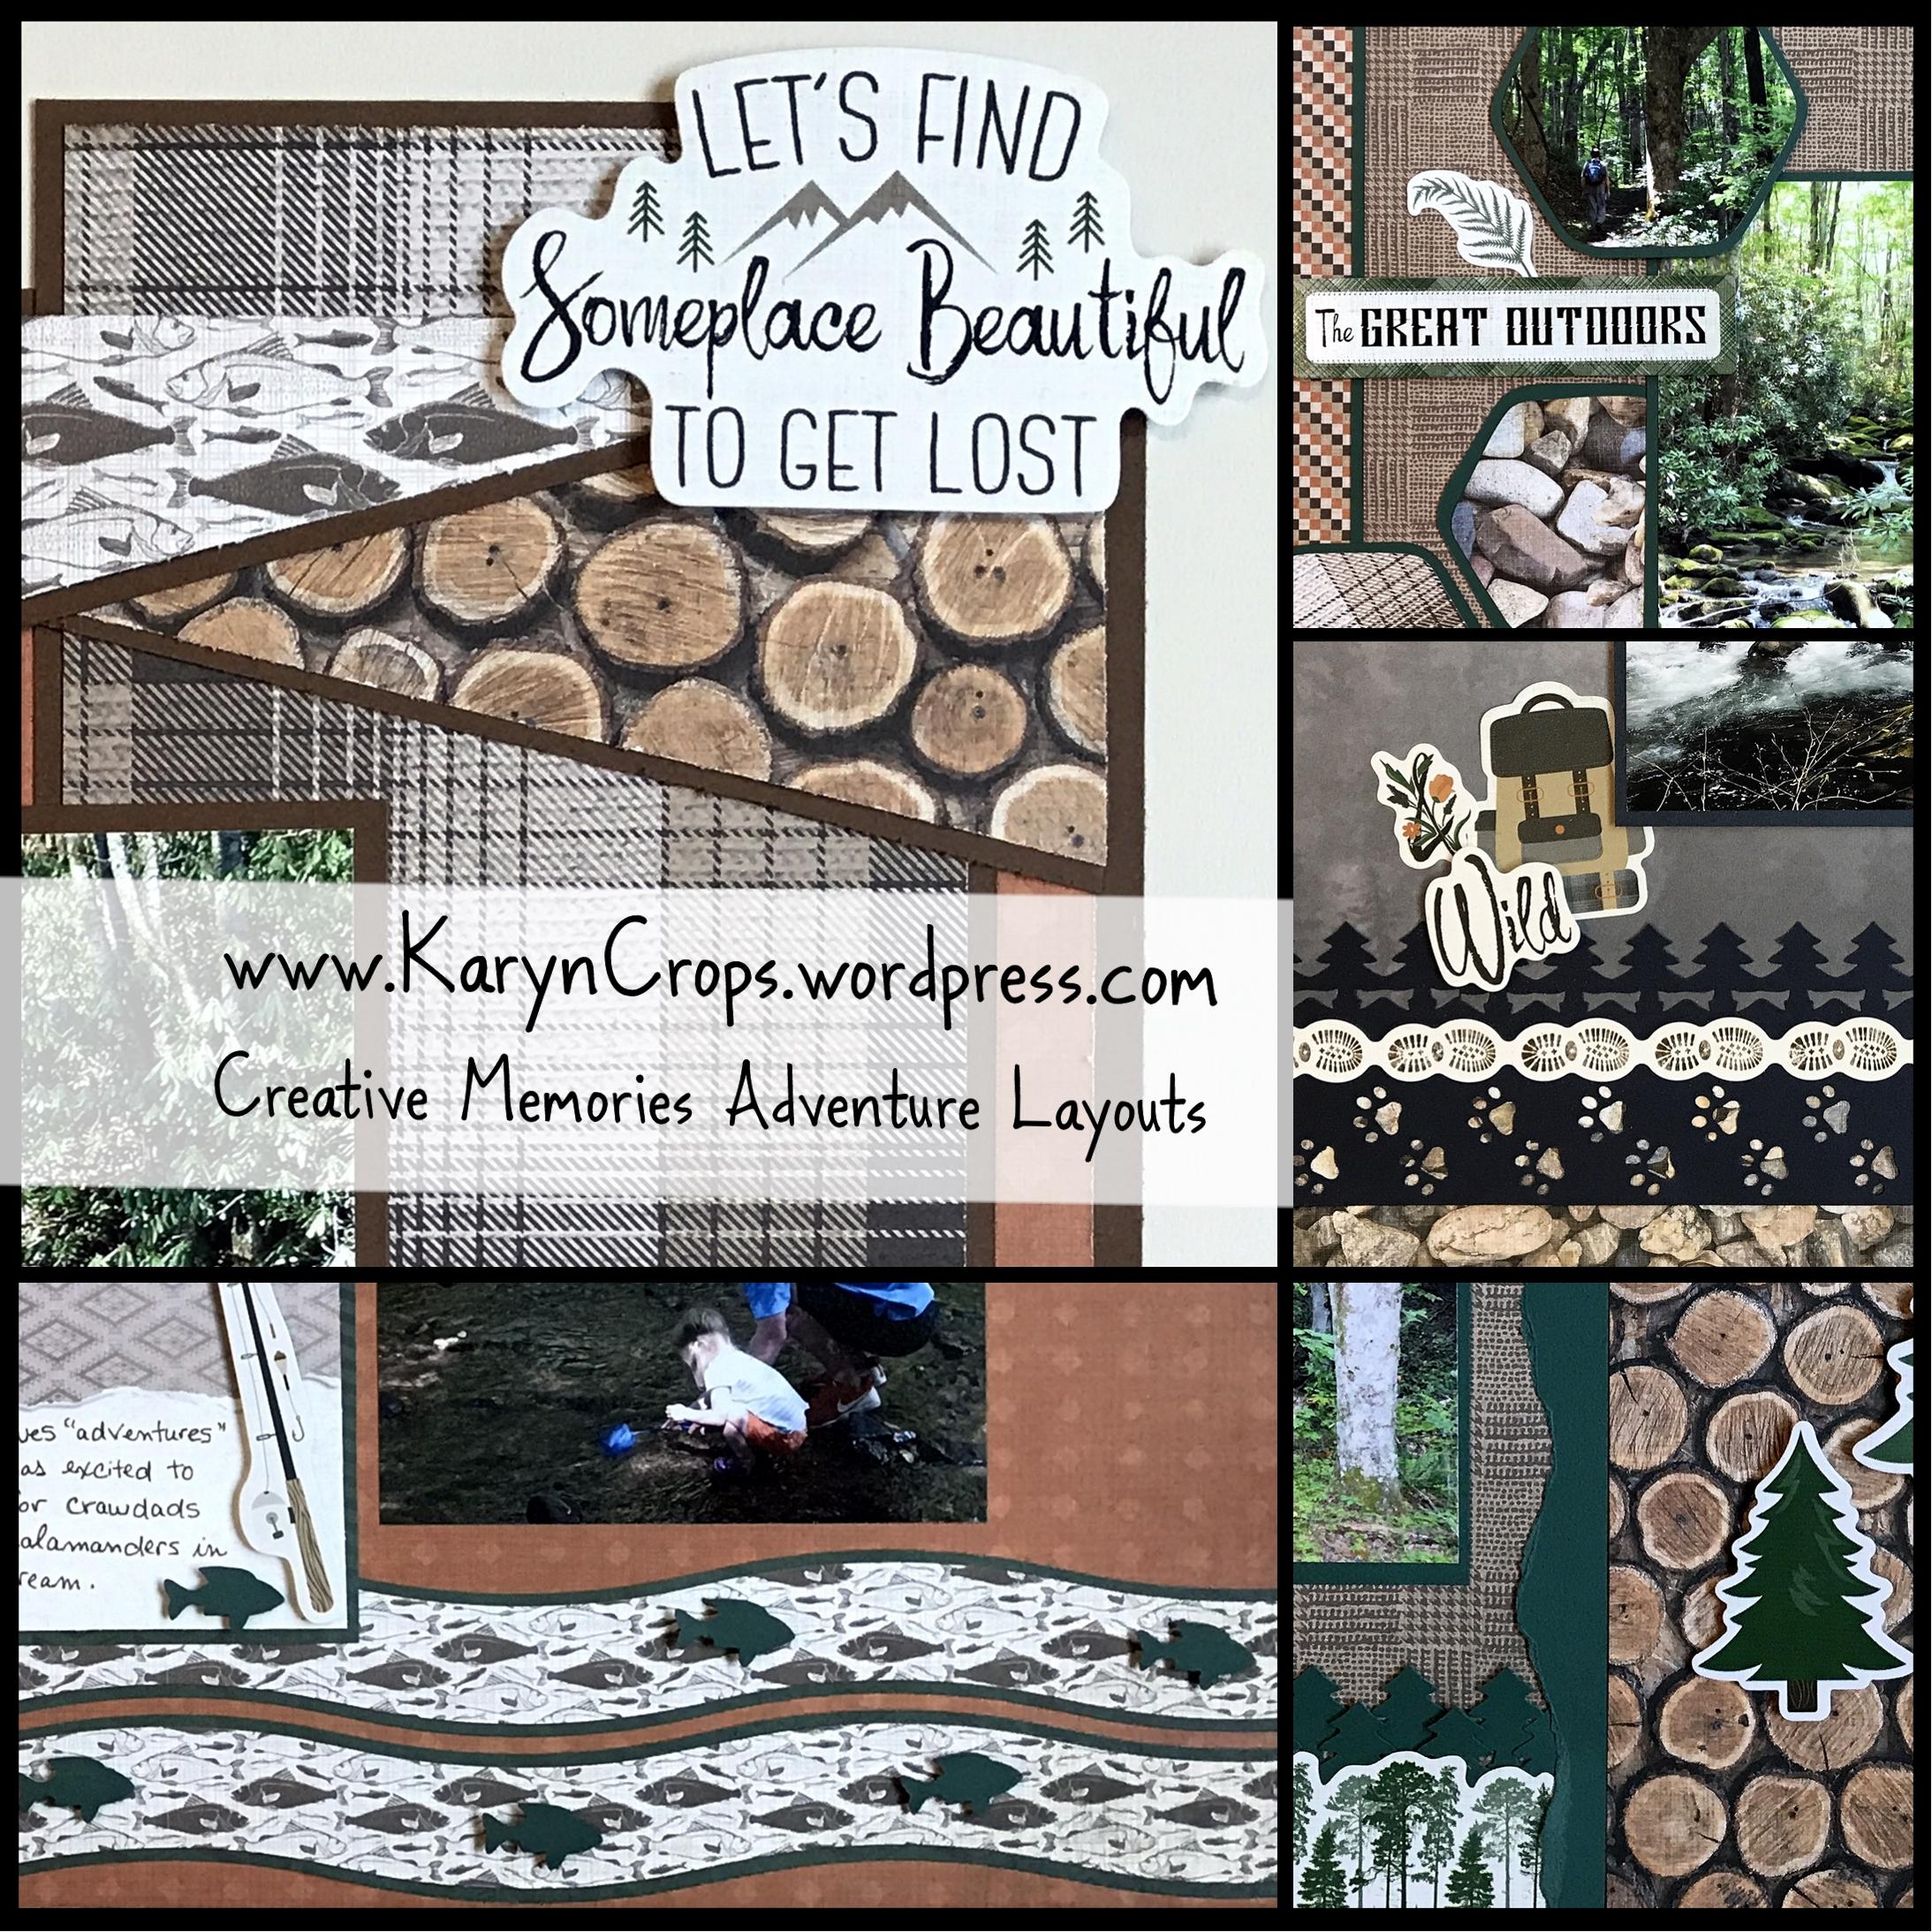 KarynCropsWordpressAdventureMeme